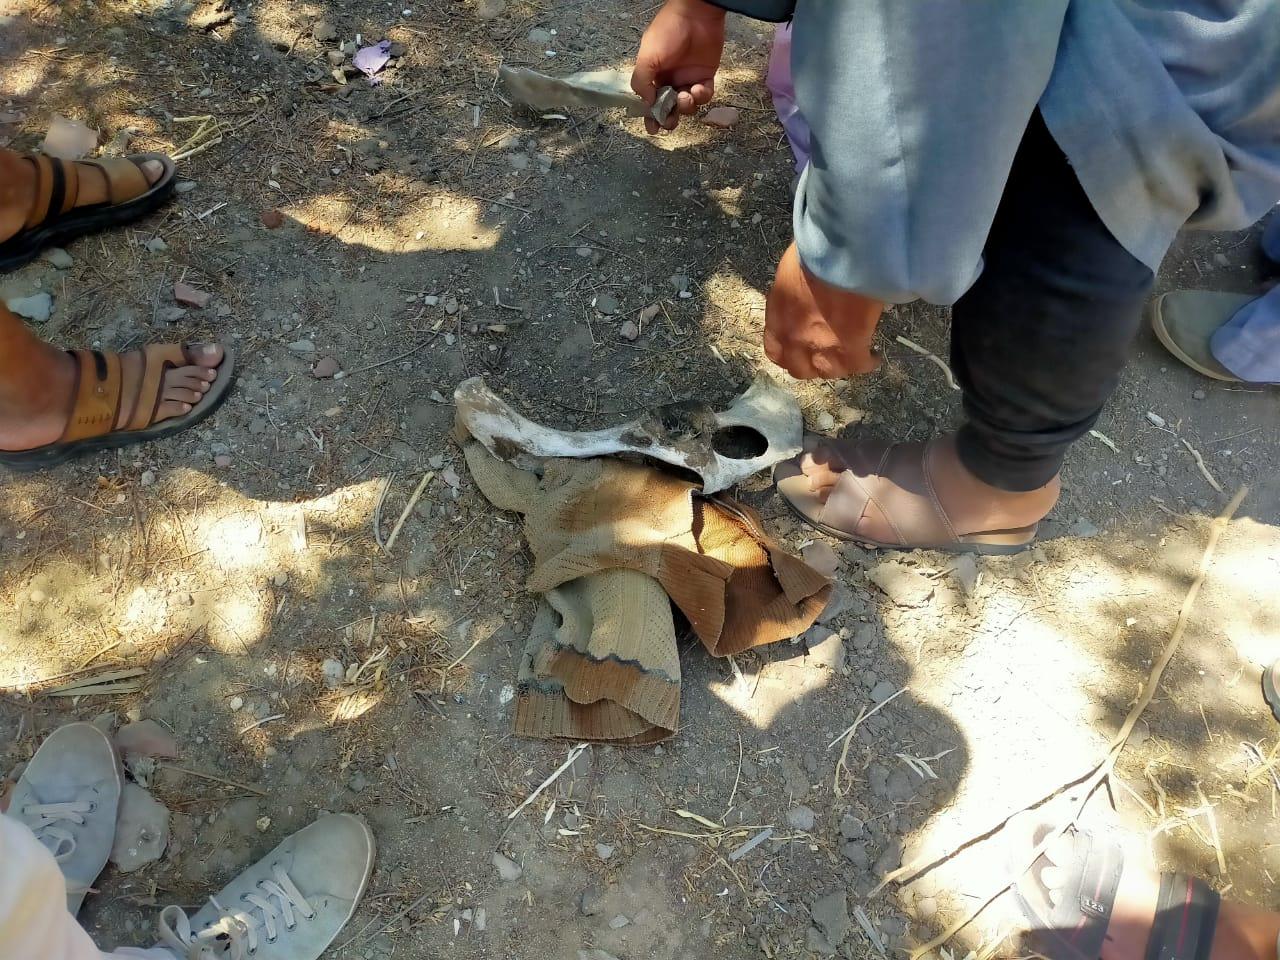 أهالى قرية الدلجمون بكفر الزيات يستخرجون أعمال سحر مدفونة فى المقابر (4)